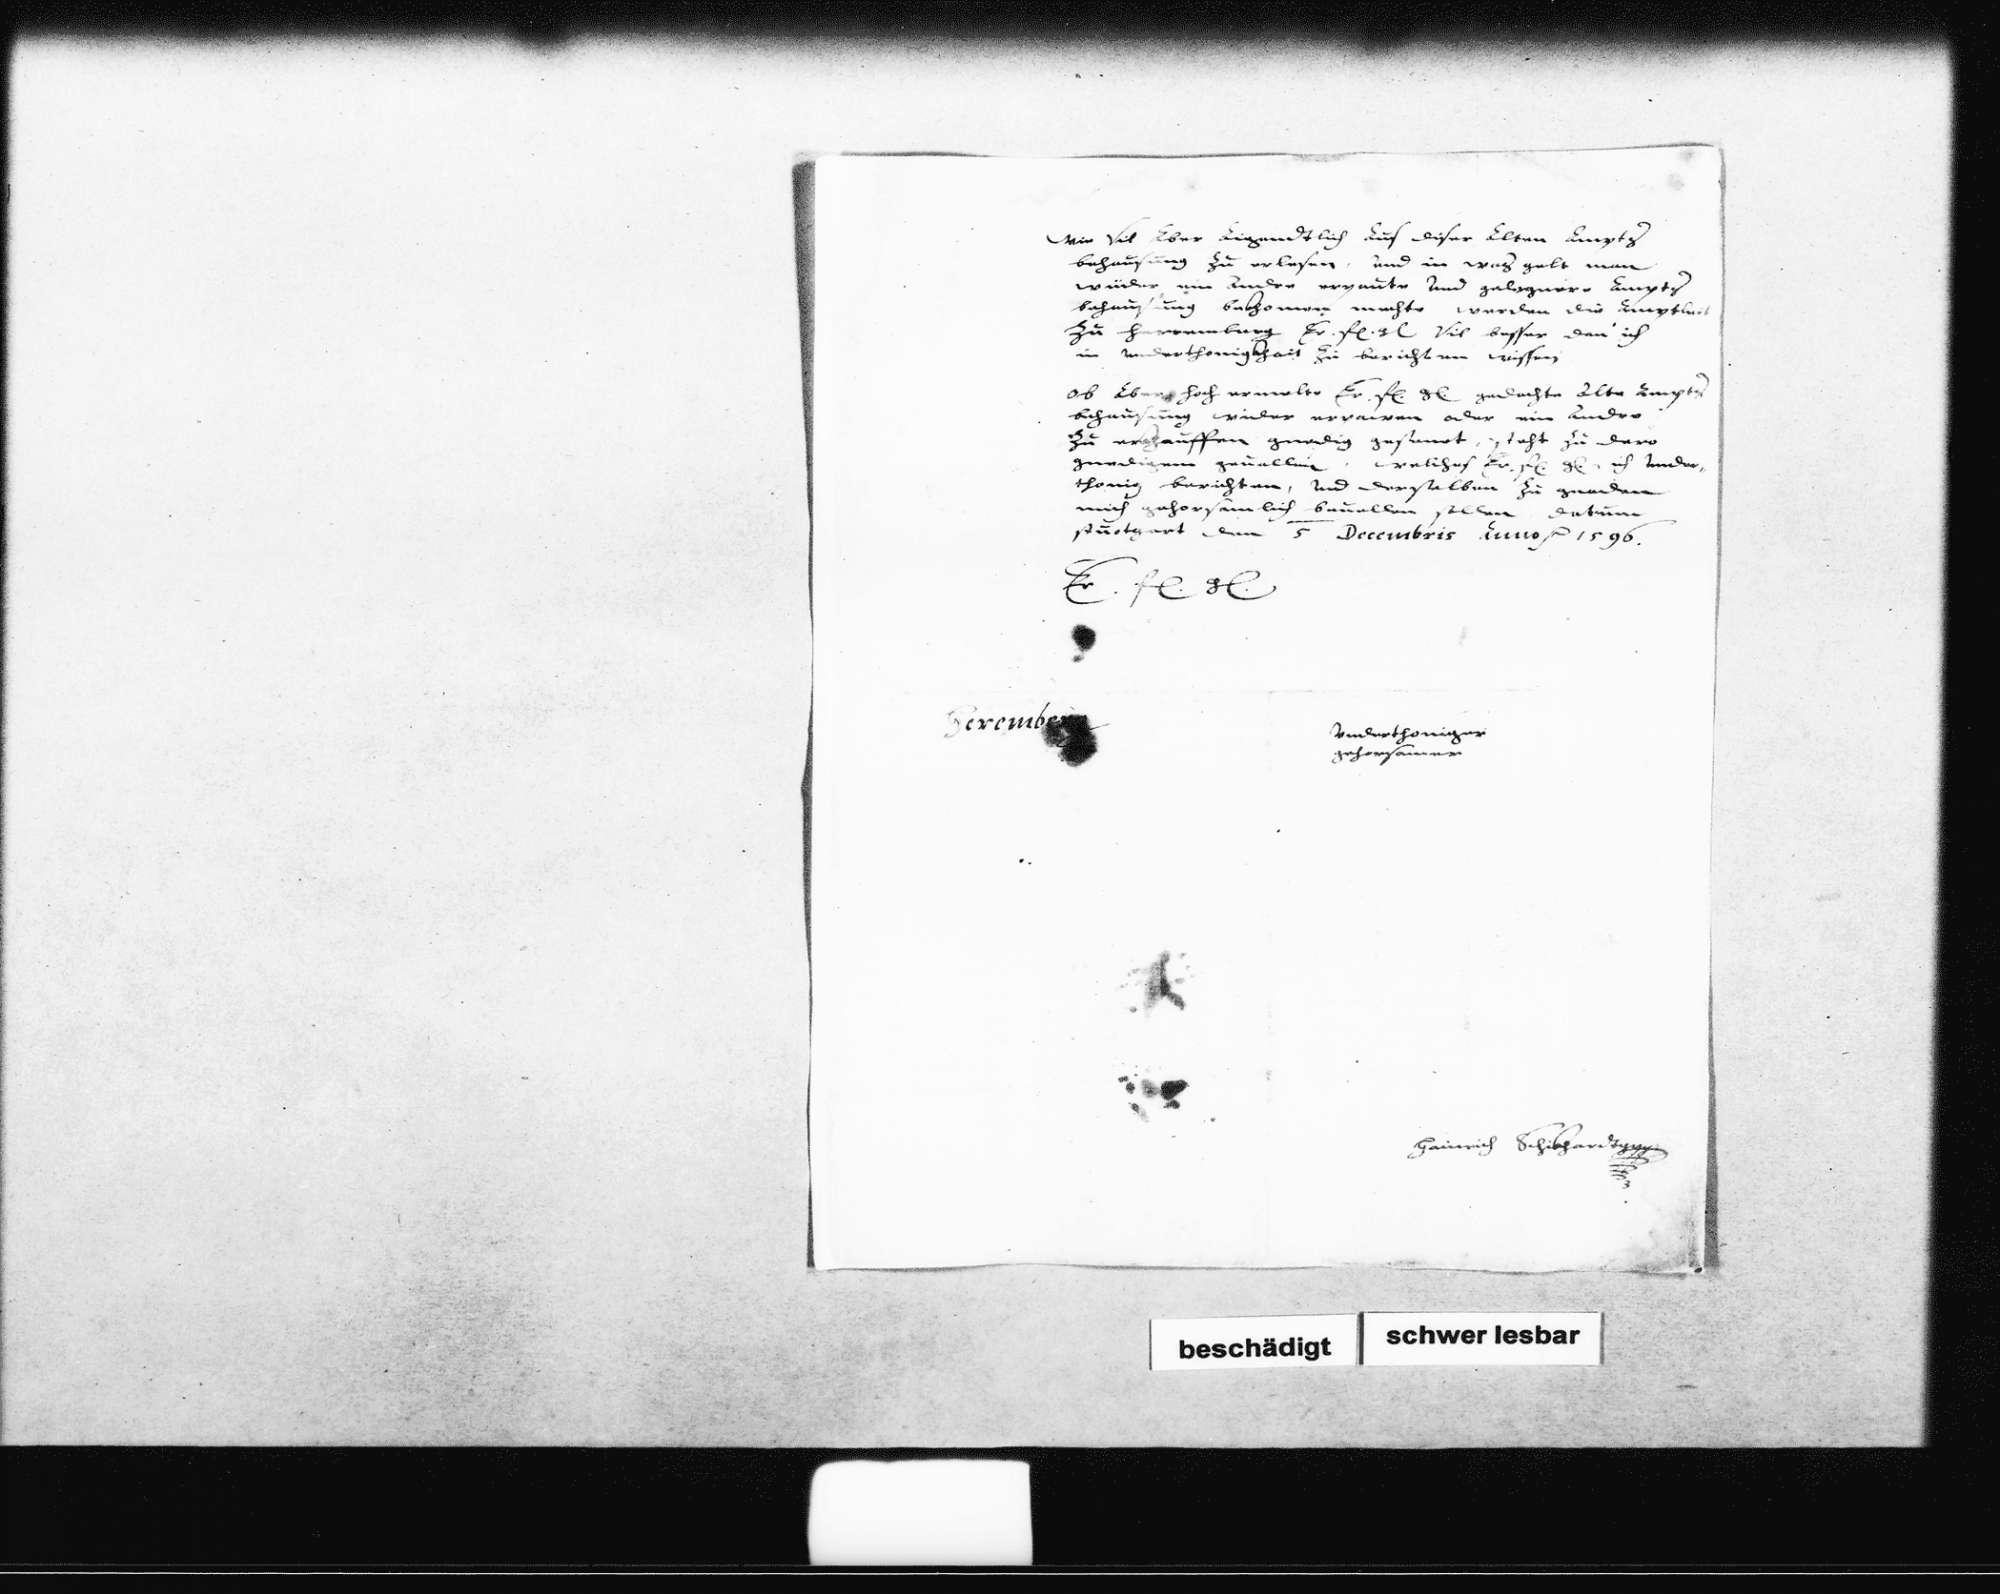 Gutachten und Bericht an den Herzog über das baufällige Amtshaus des Untervogtes (Folio), Bild 2